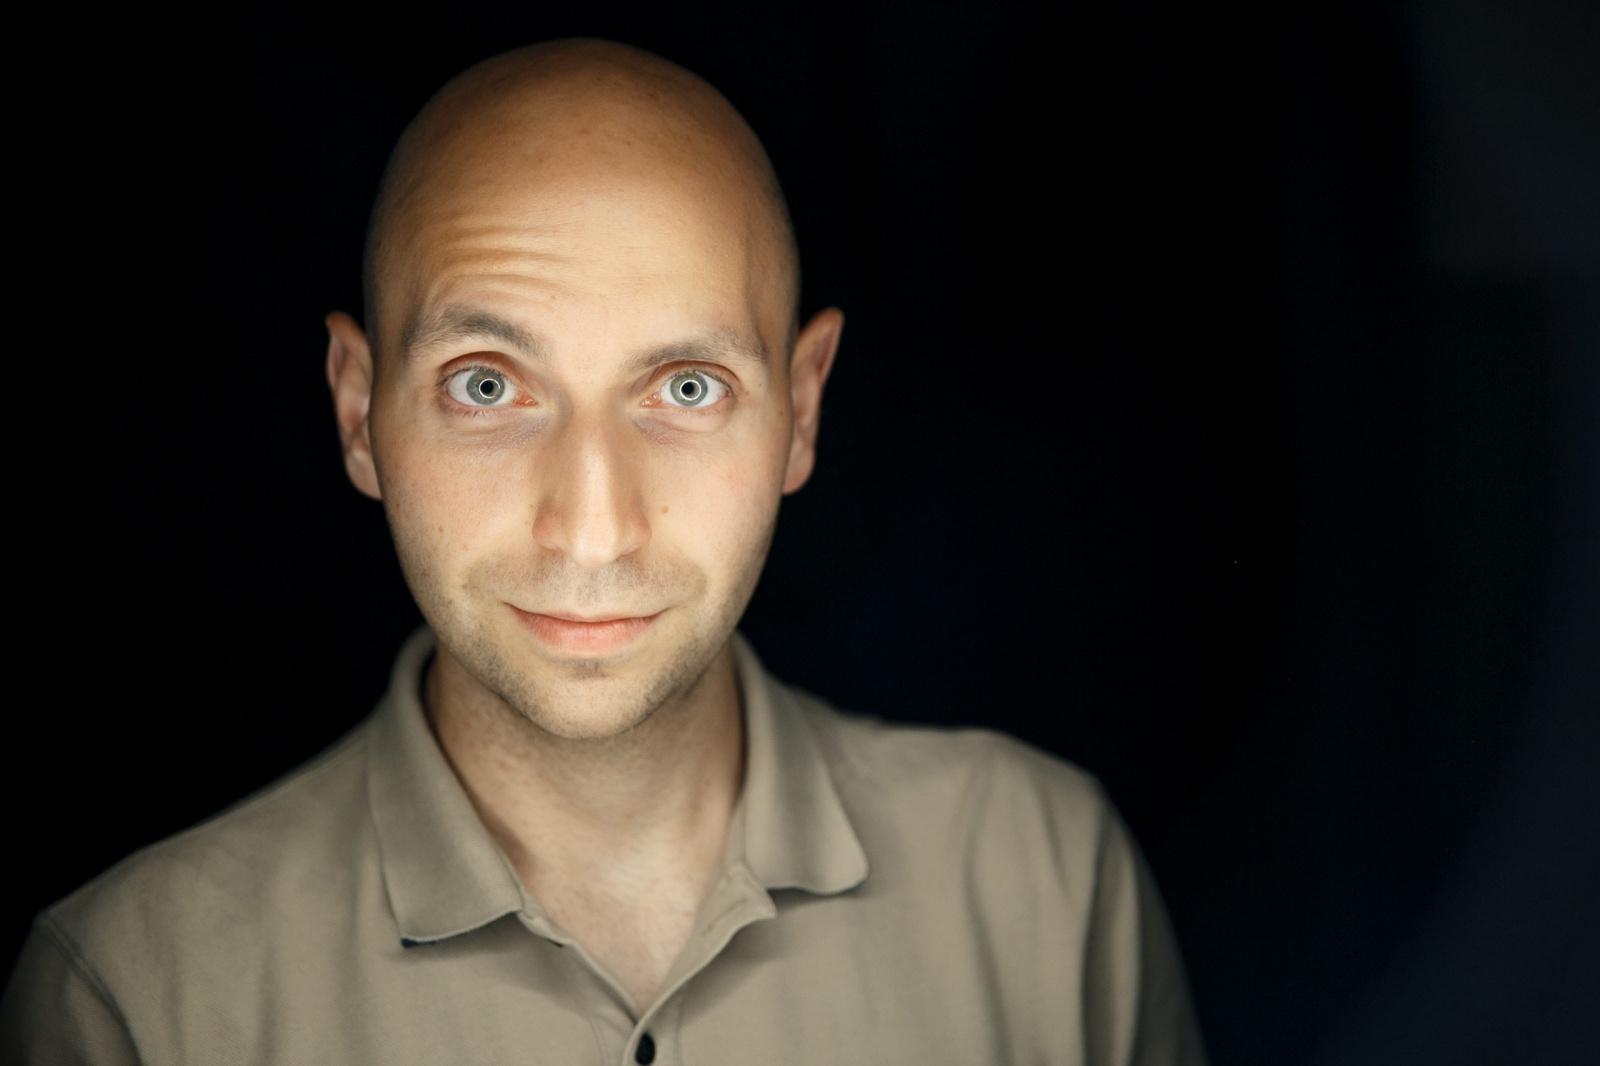 «Я стал терапевтом или психологом» — Виталий Фридман о UX-тестировании и мобильных интерфейсах - 1